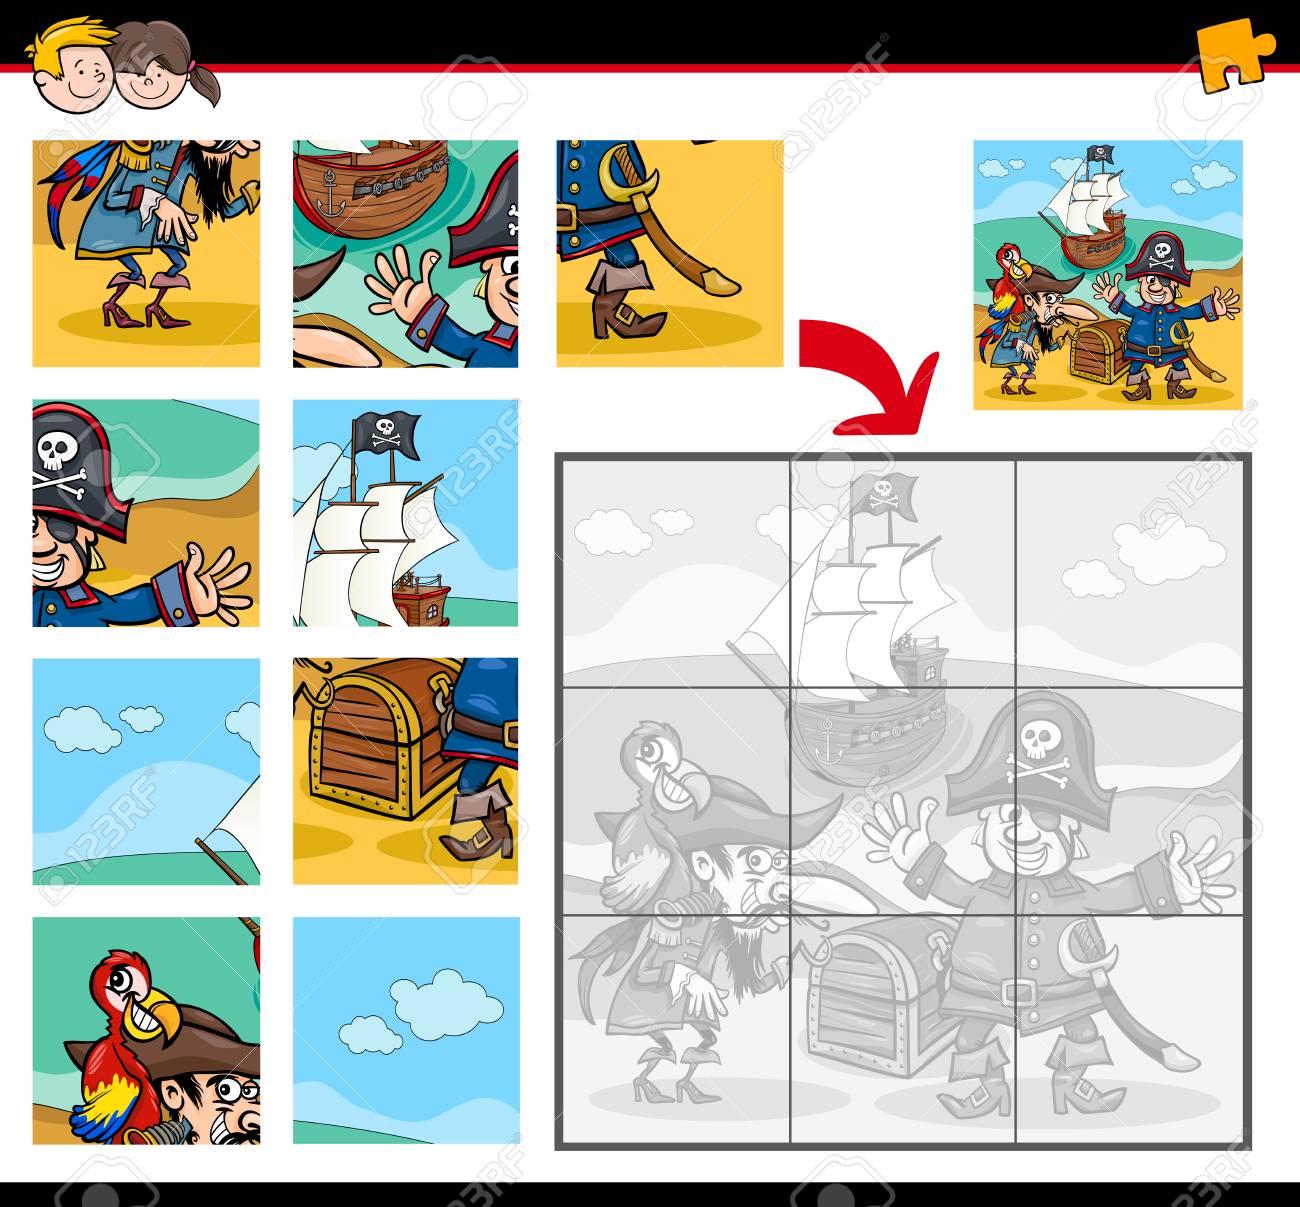 Attività Di Illustrazione Dei Cartoni Animati Per Bambini Con Personaggi Fantasy Dei Pirati